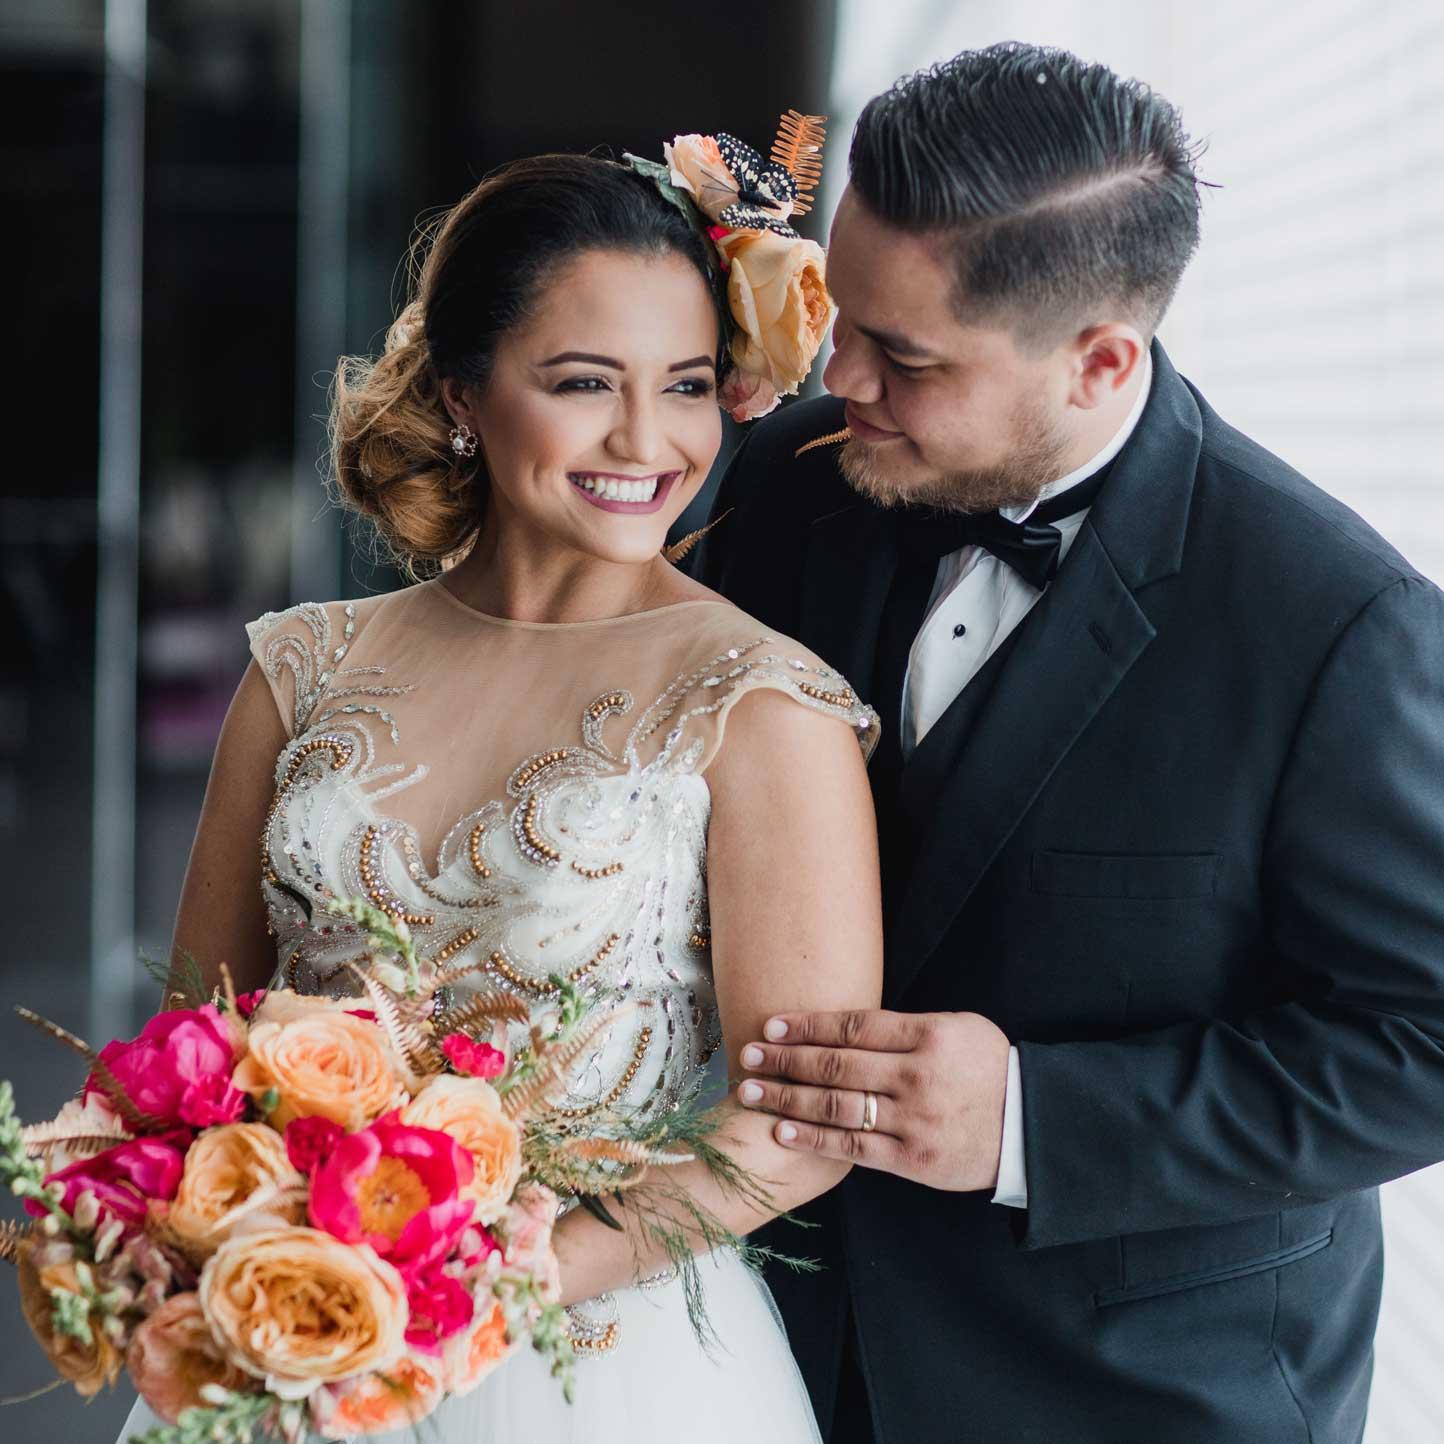 Wedding Bride Bridesmaids Makeup Hairstyle Nails Lashes Spray Tan Wax Barber